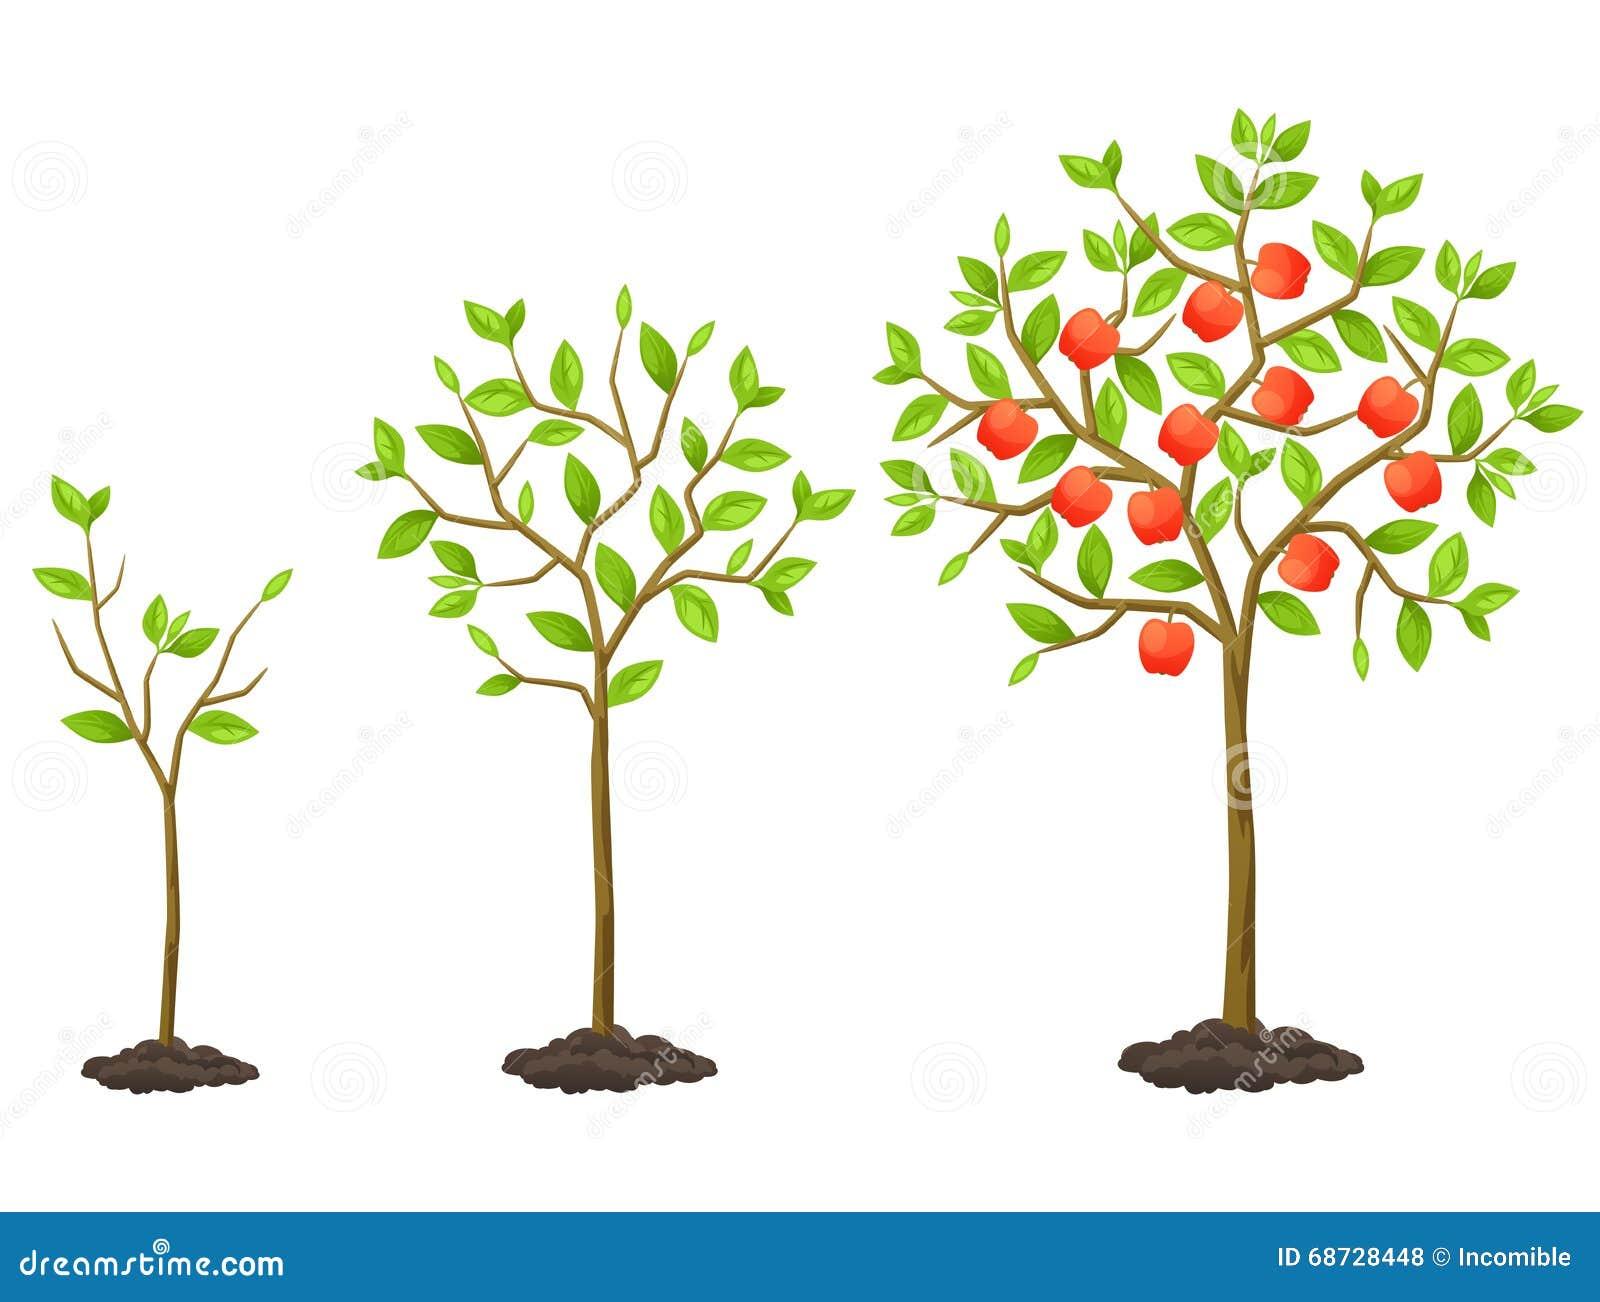 cycle de croissance de jeune plante l 39 arbre fruitier illustration pour les livrets agricoles. Black Bedroom Furniture Sets. Home Design Ideas